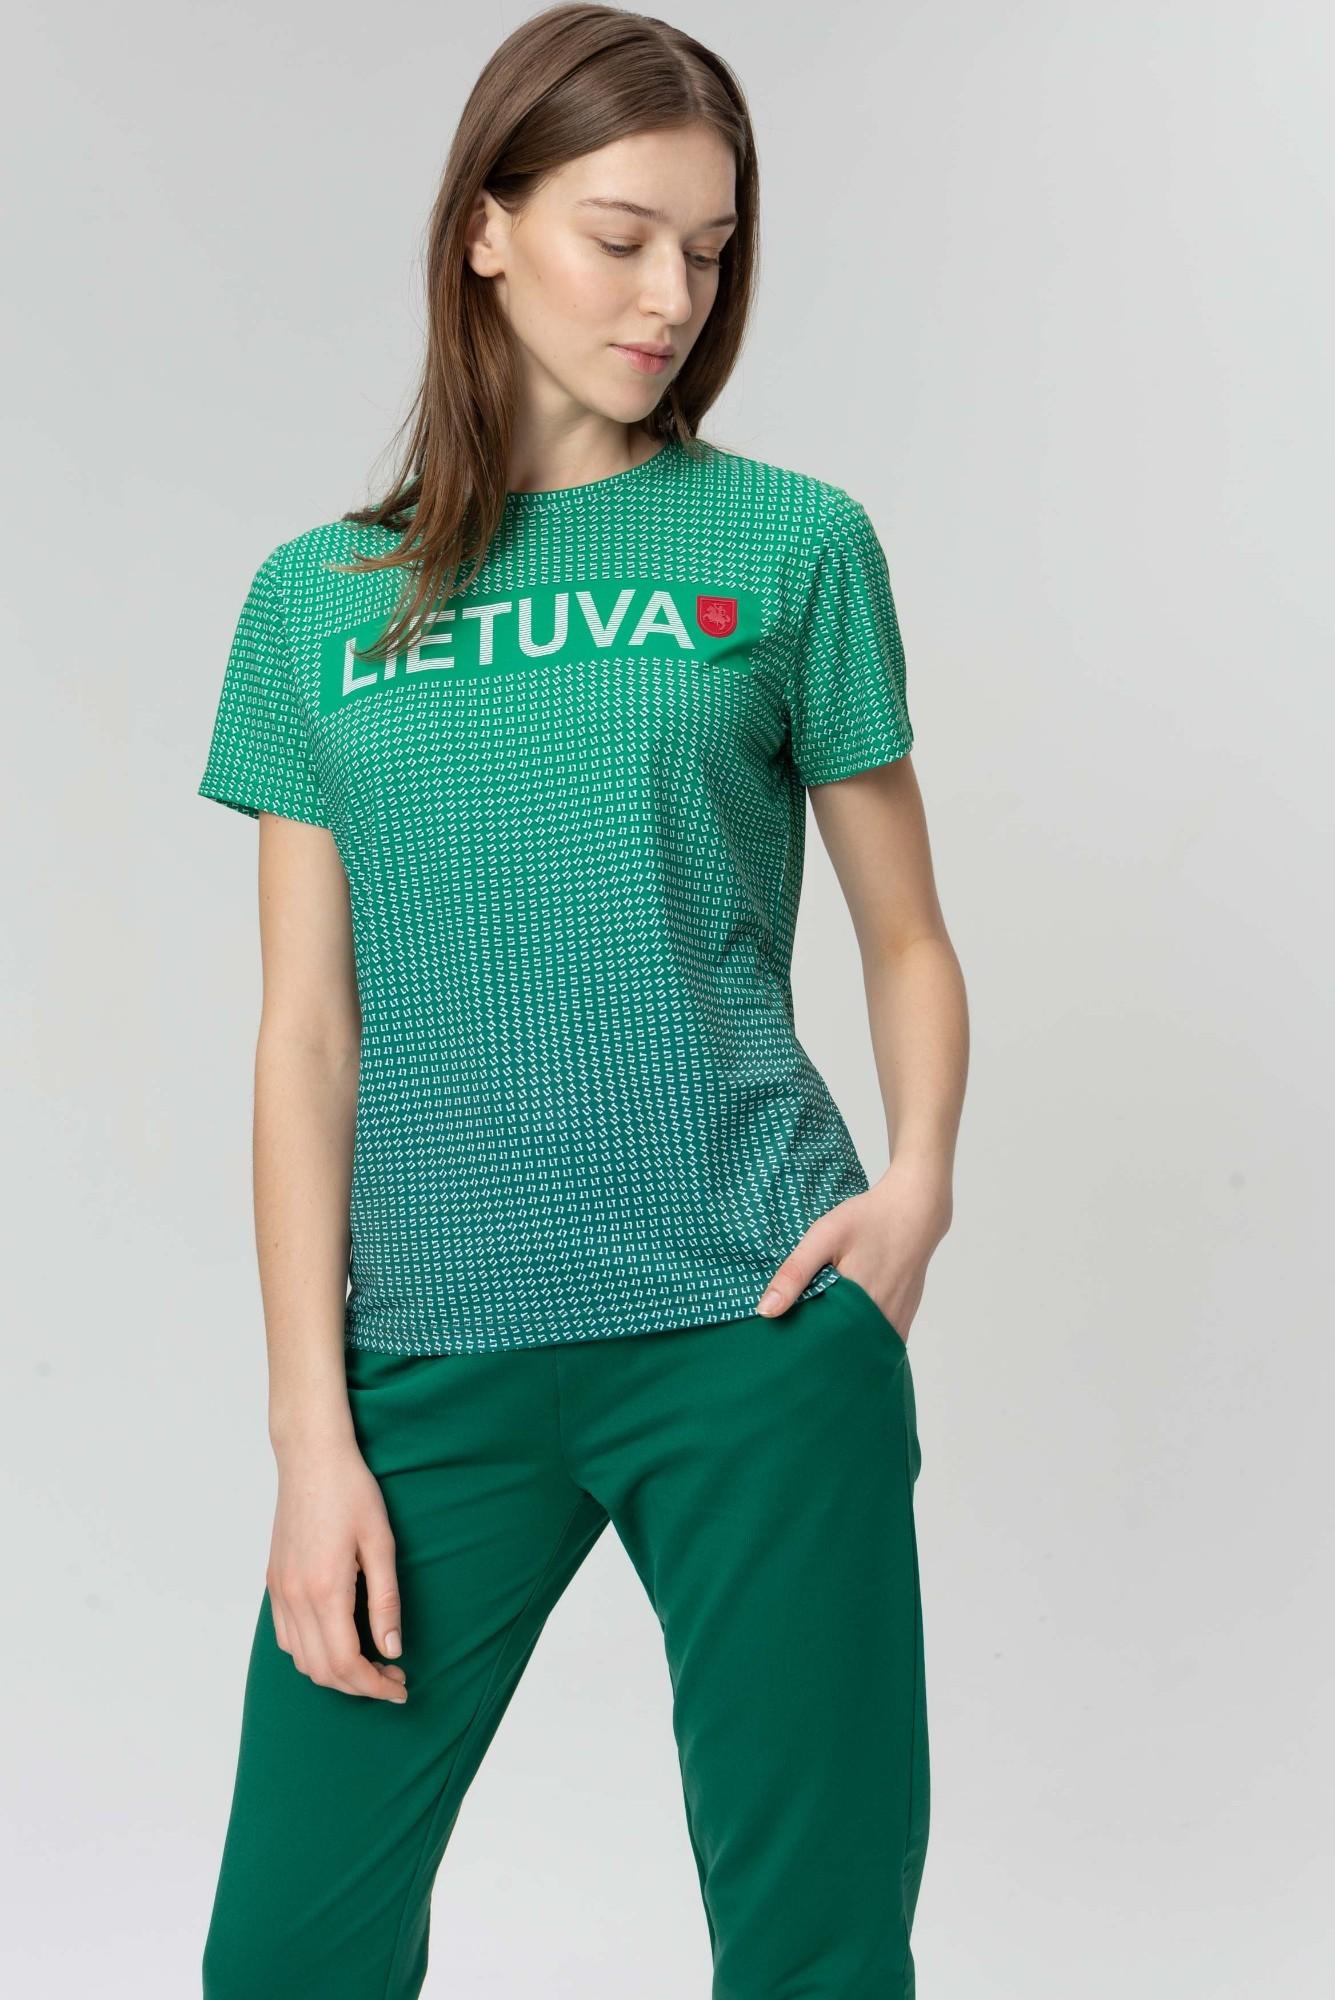 AUDIMAS Funkcionalūs marškinėliai 20LT-001 Jolly Green Printed L